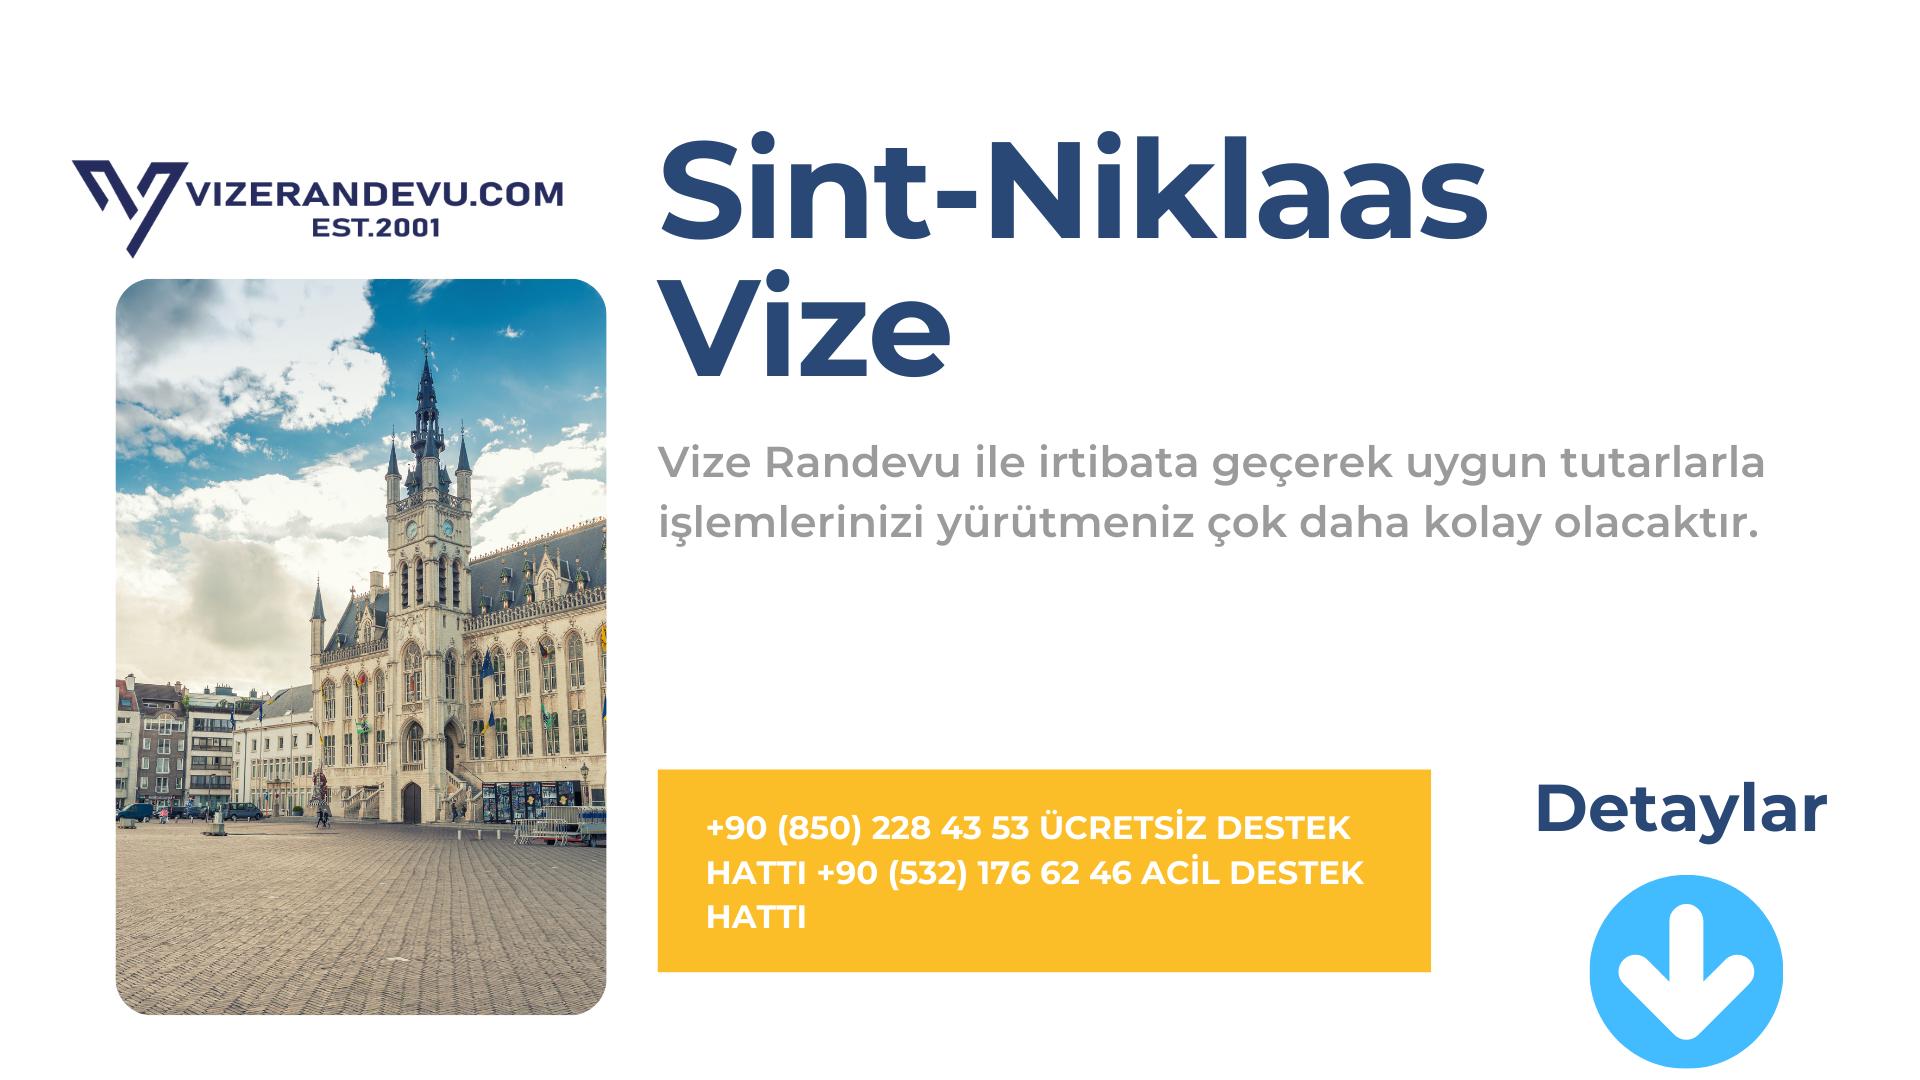 Sint-Niklaas Vize